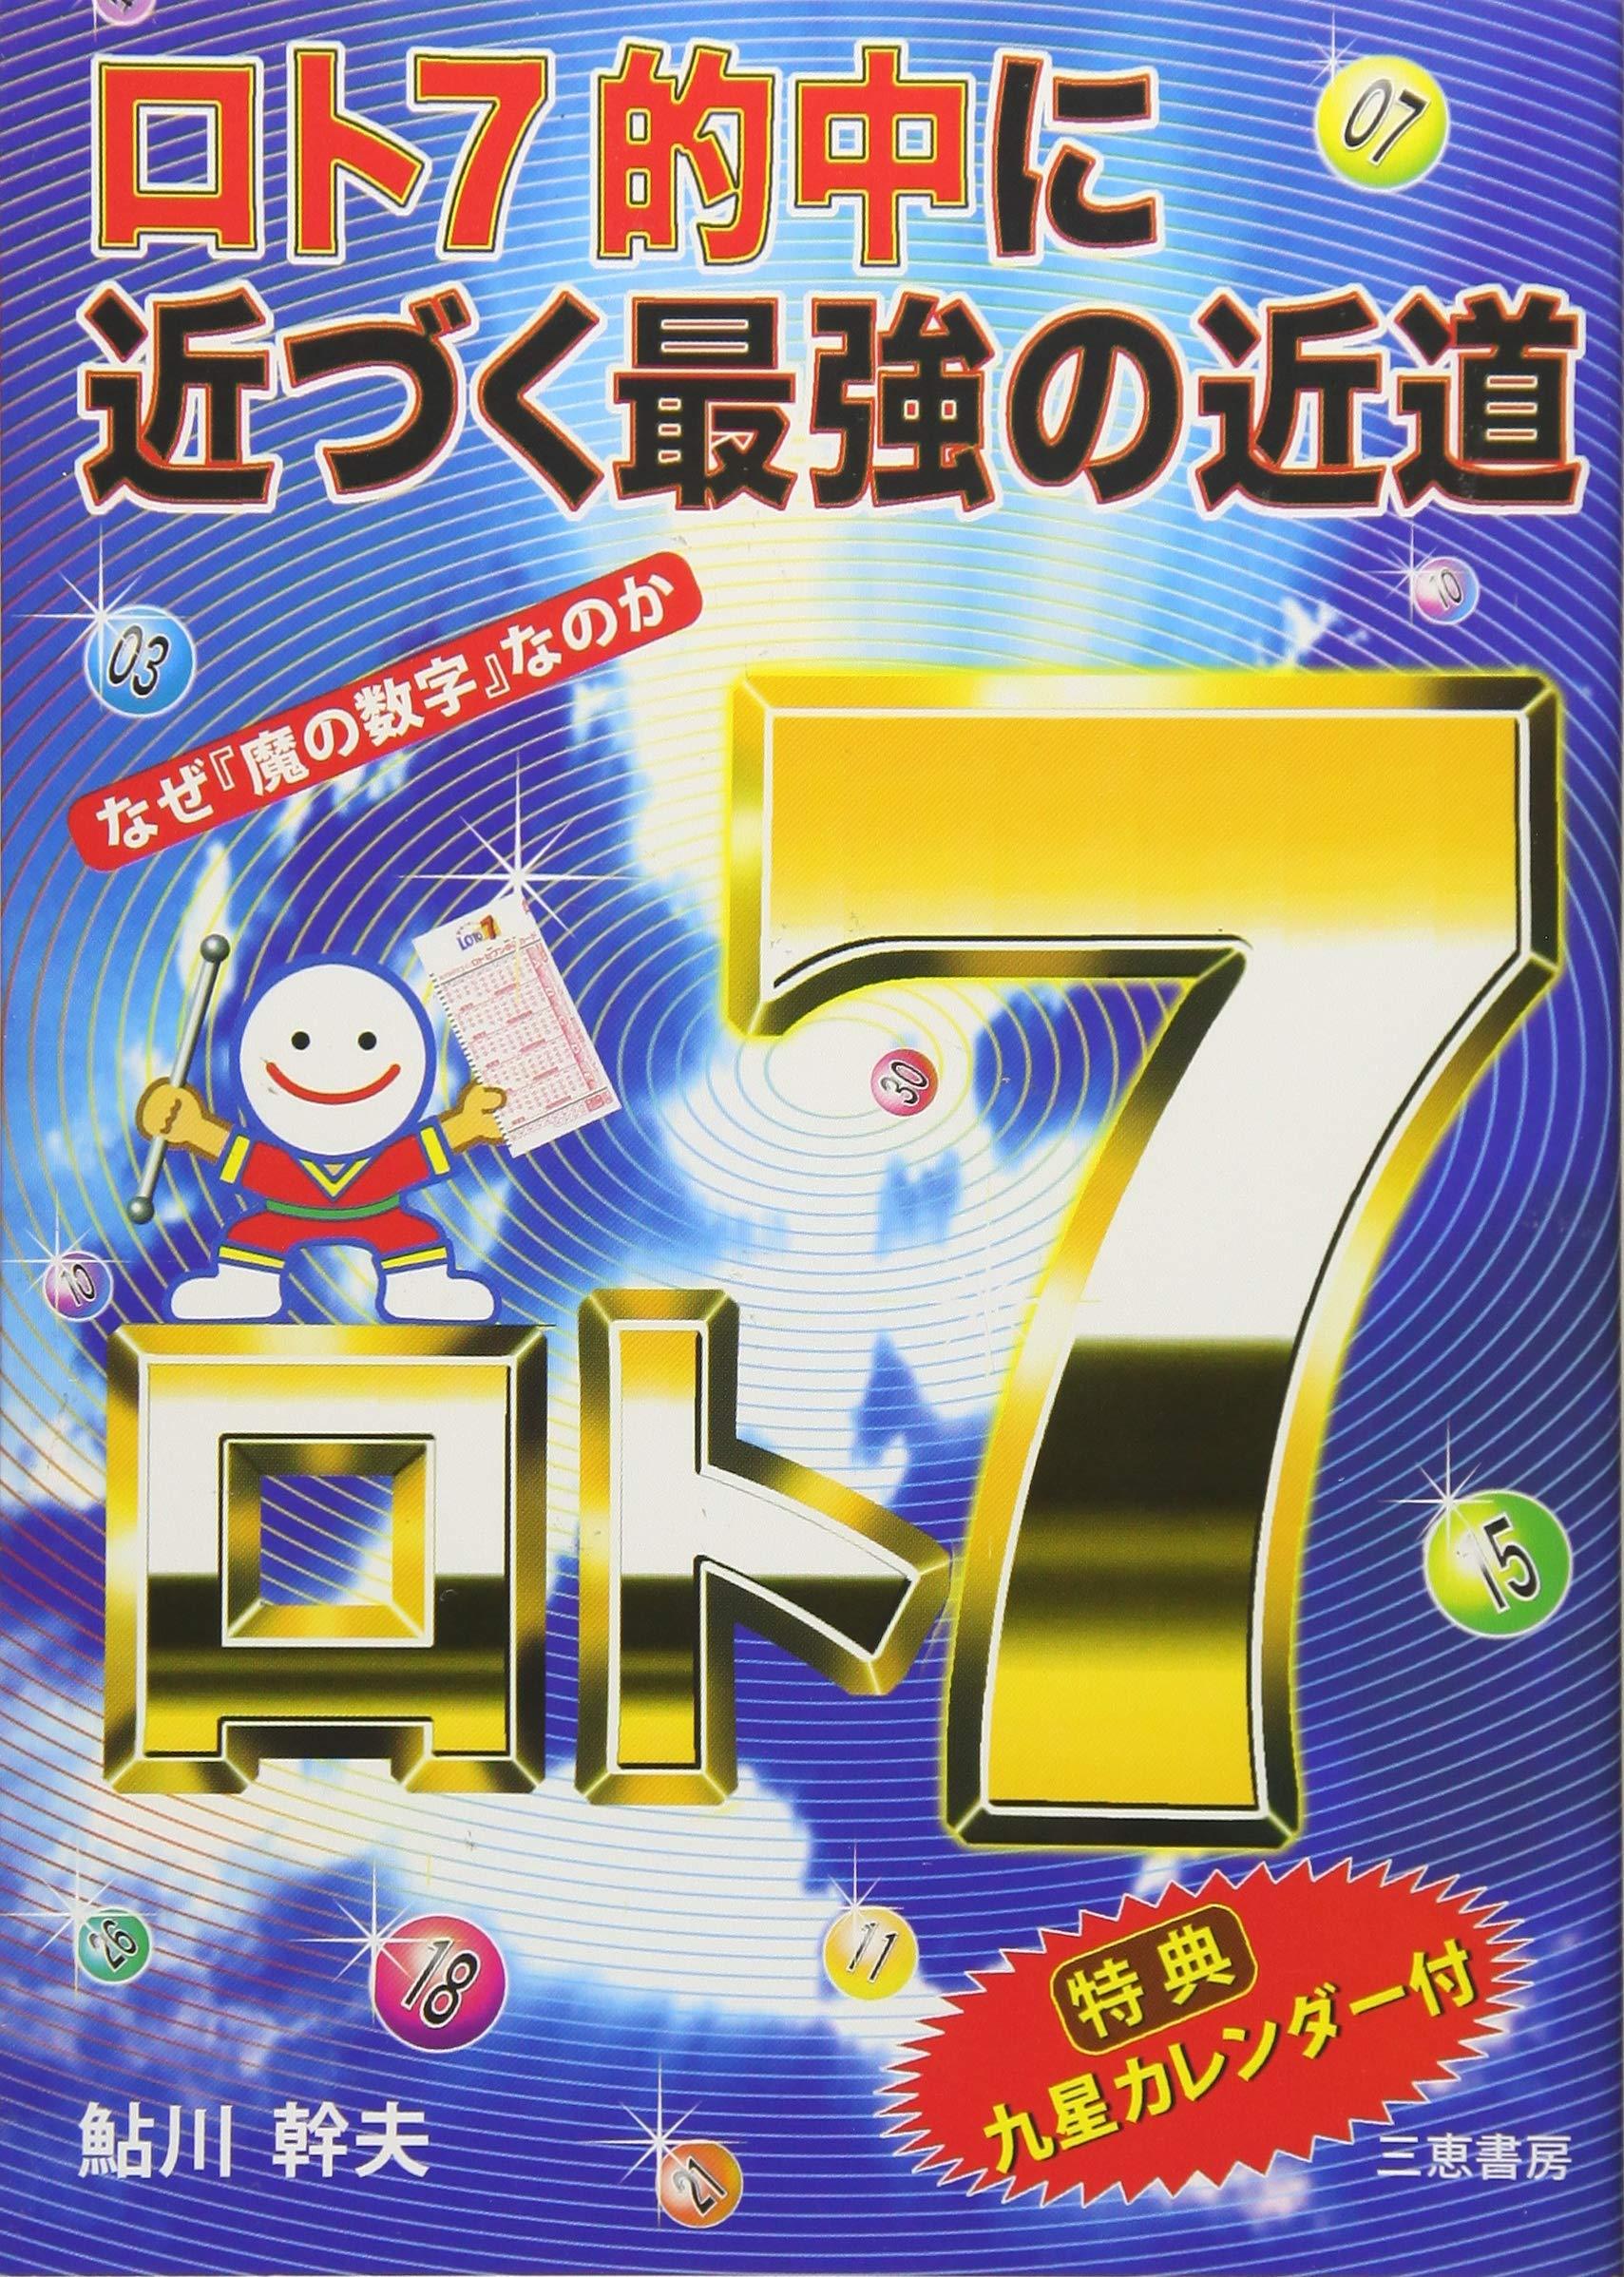 最強 ロト 数字 7